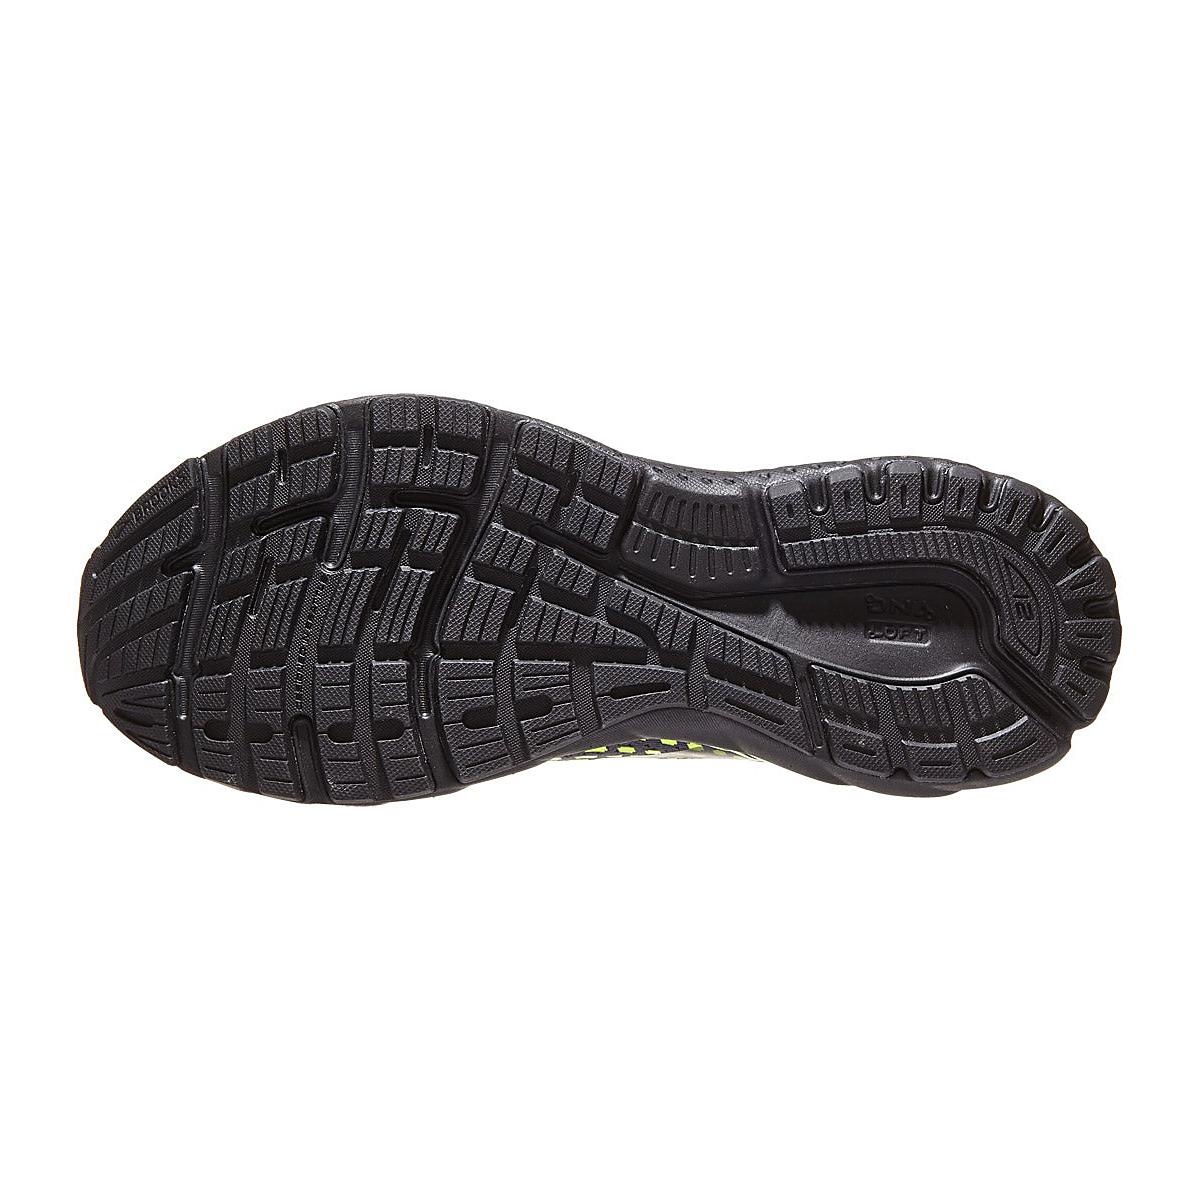 Men's Brooks Adrenaline Gts 21 Running Shoe - Color: Black/Blue Jewel - Size: 8 - Width: Regular, Black/Blue Jewel, large, image 3